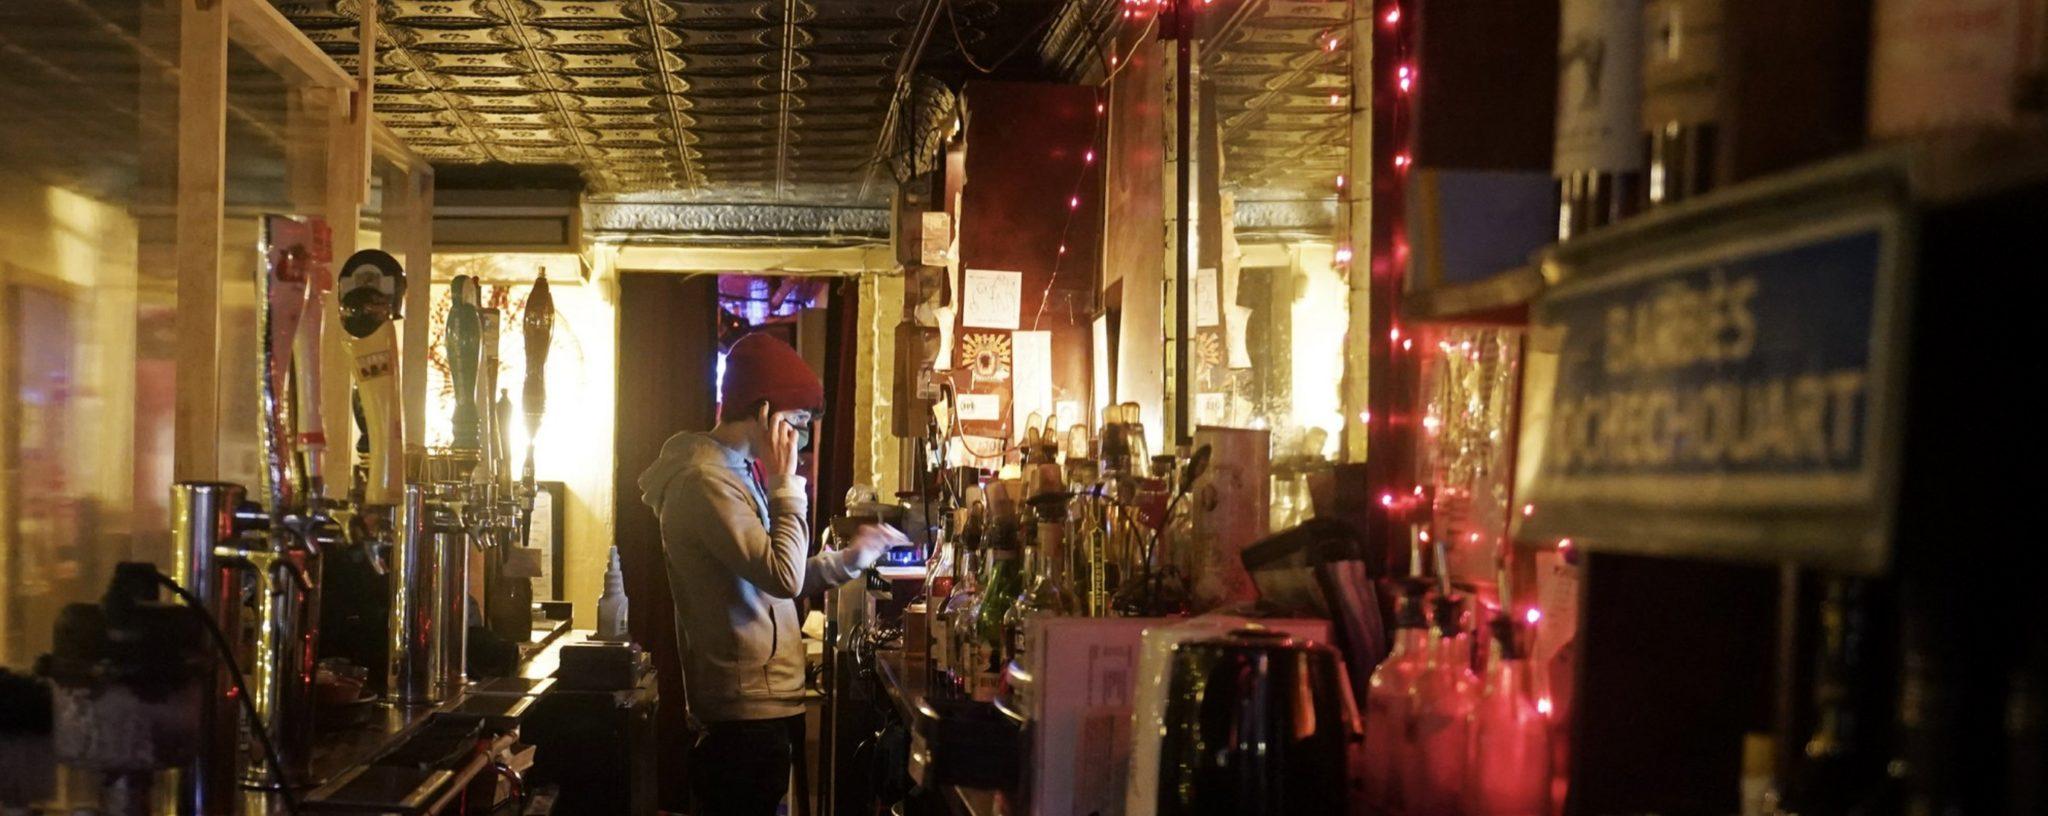 ap-nyc-bars-scaled.jpg